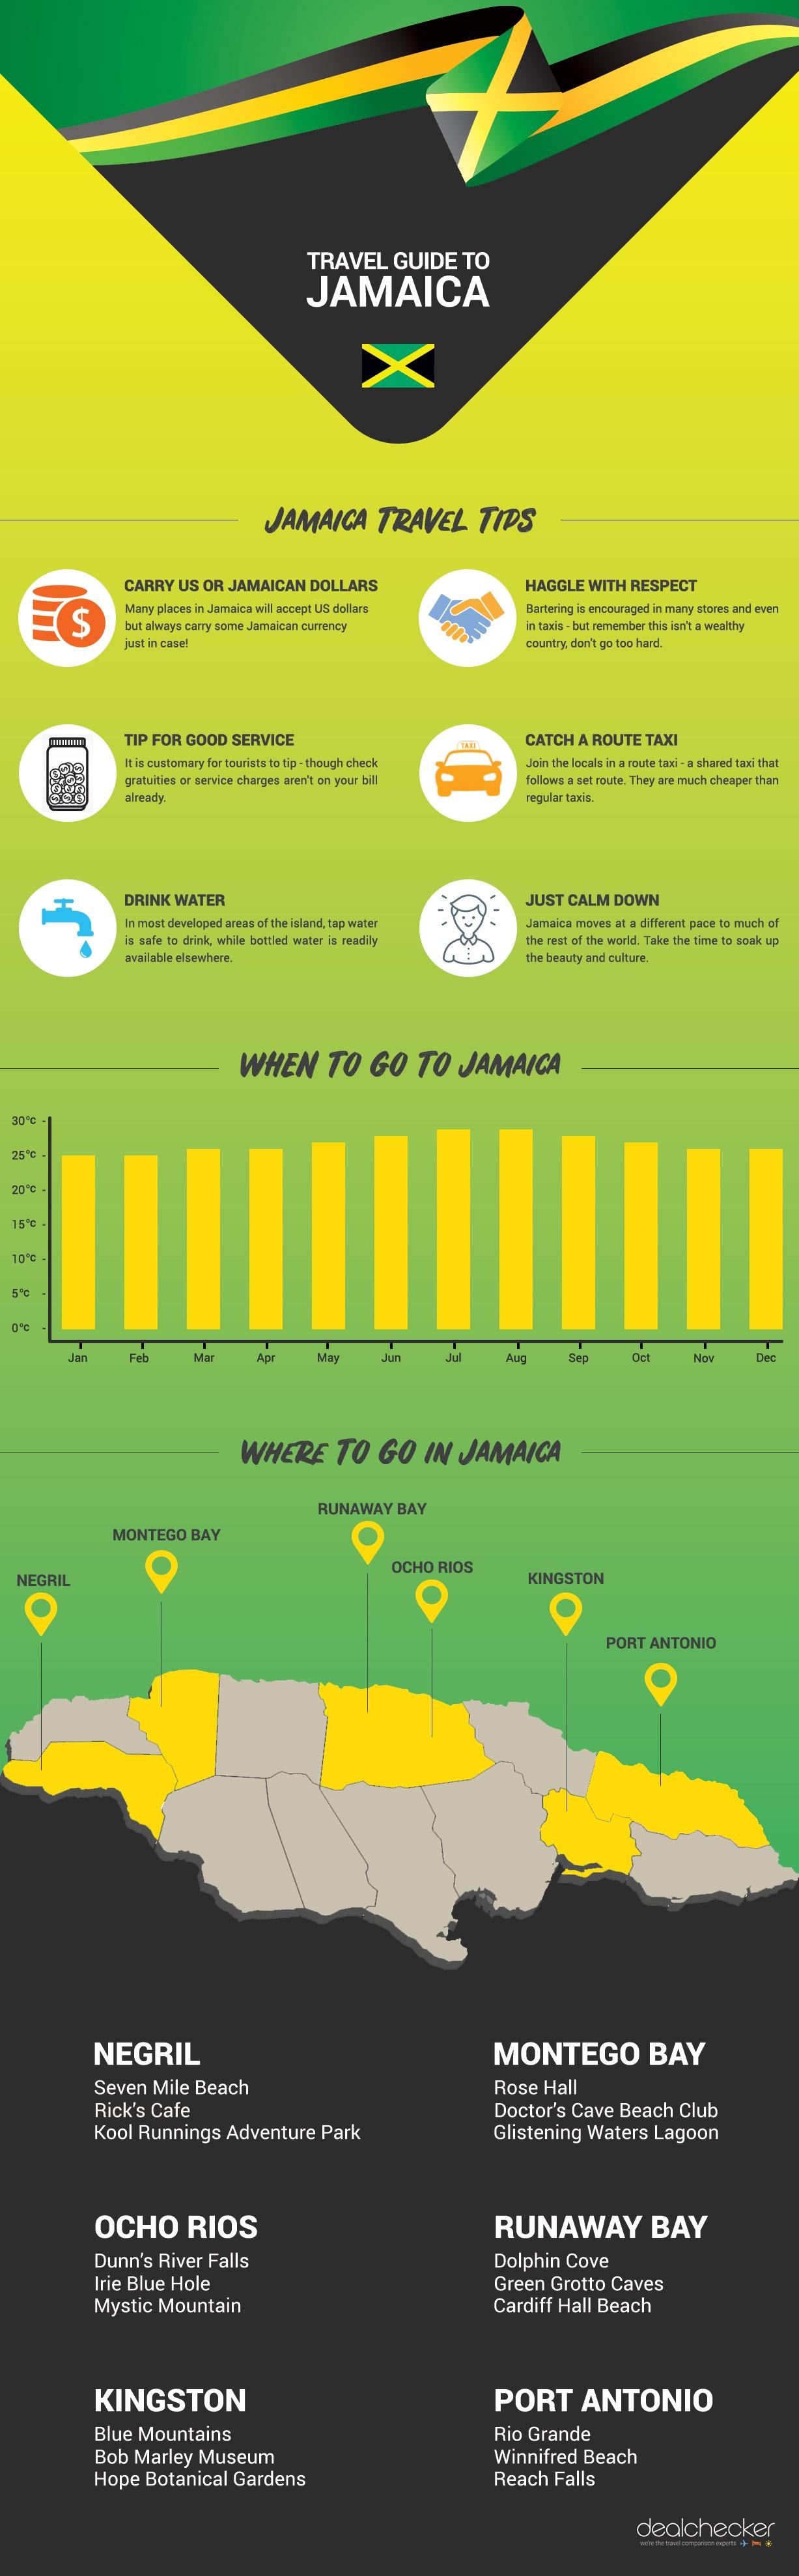 A guide to Jamaica